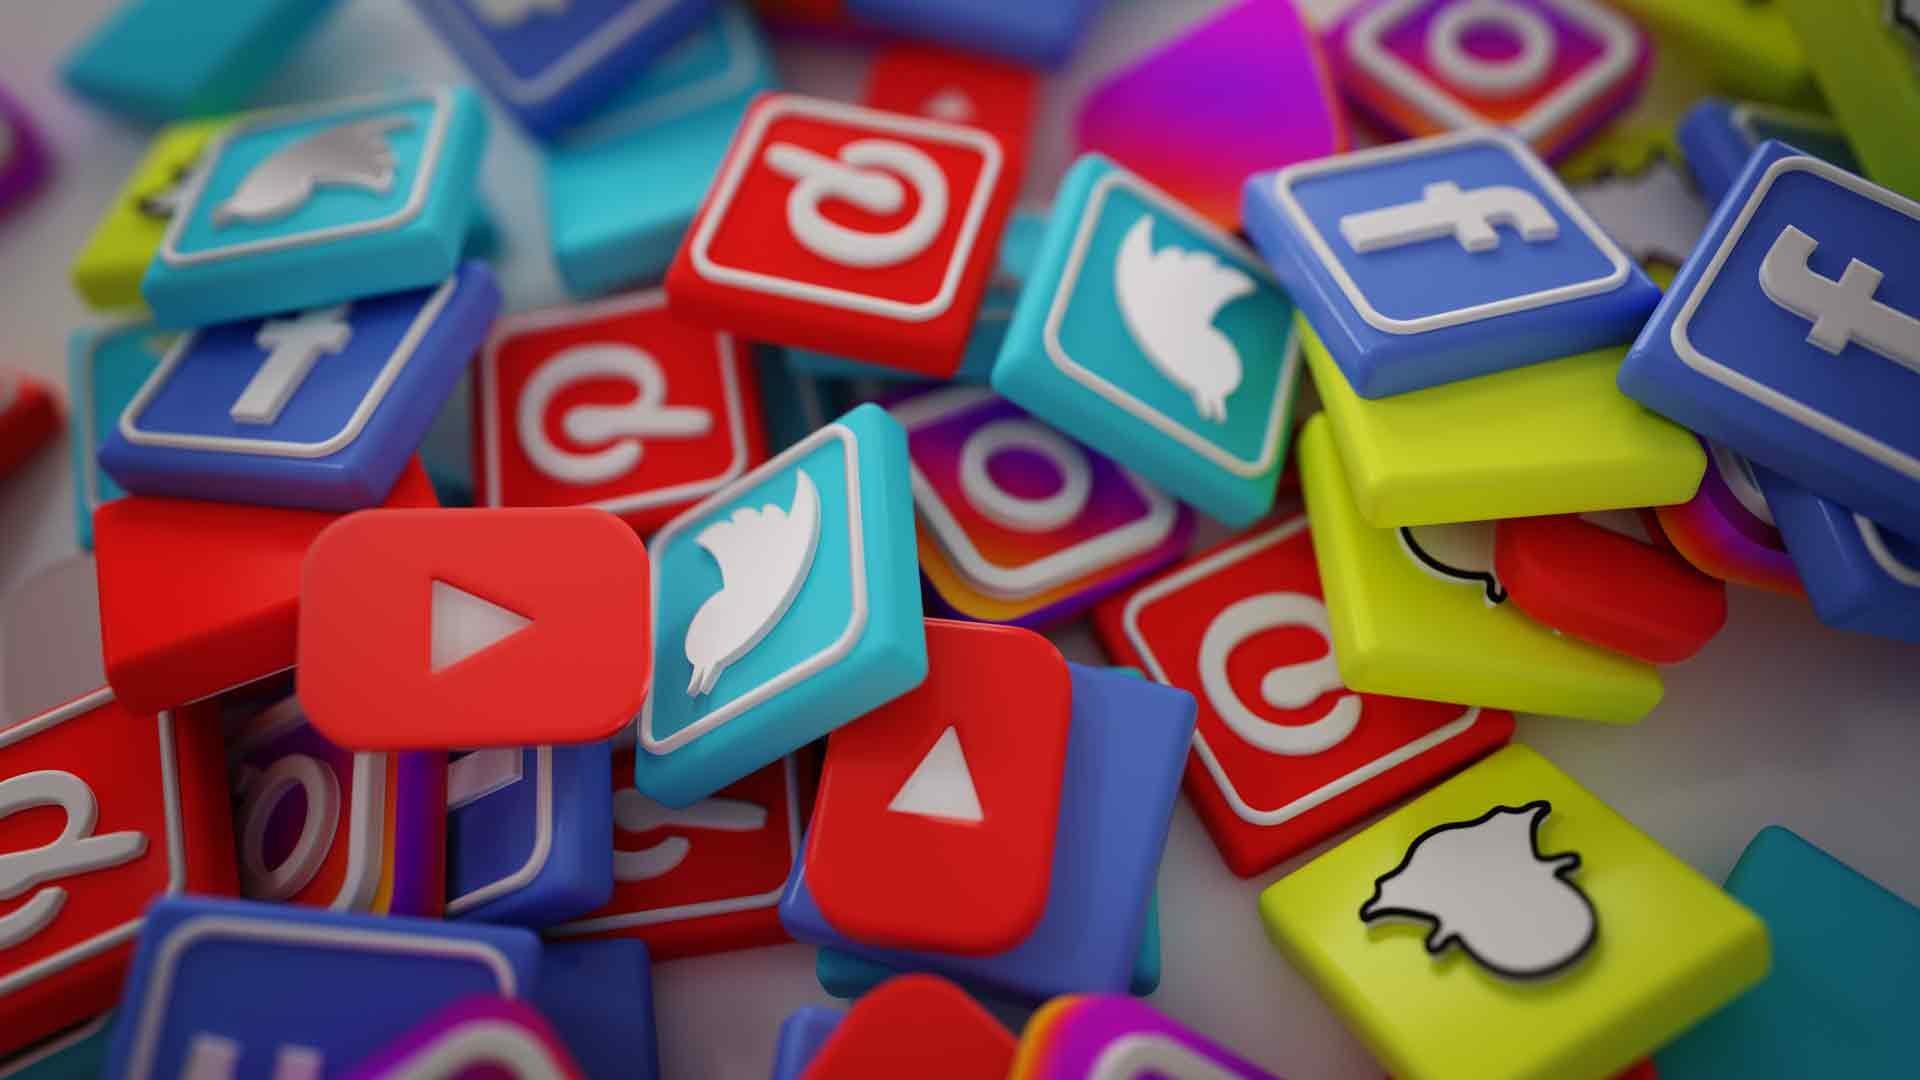 Sito Internet e Web Marketing - Pulsanti social network